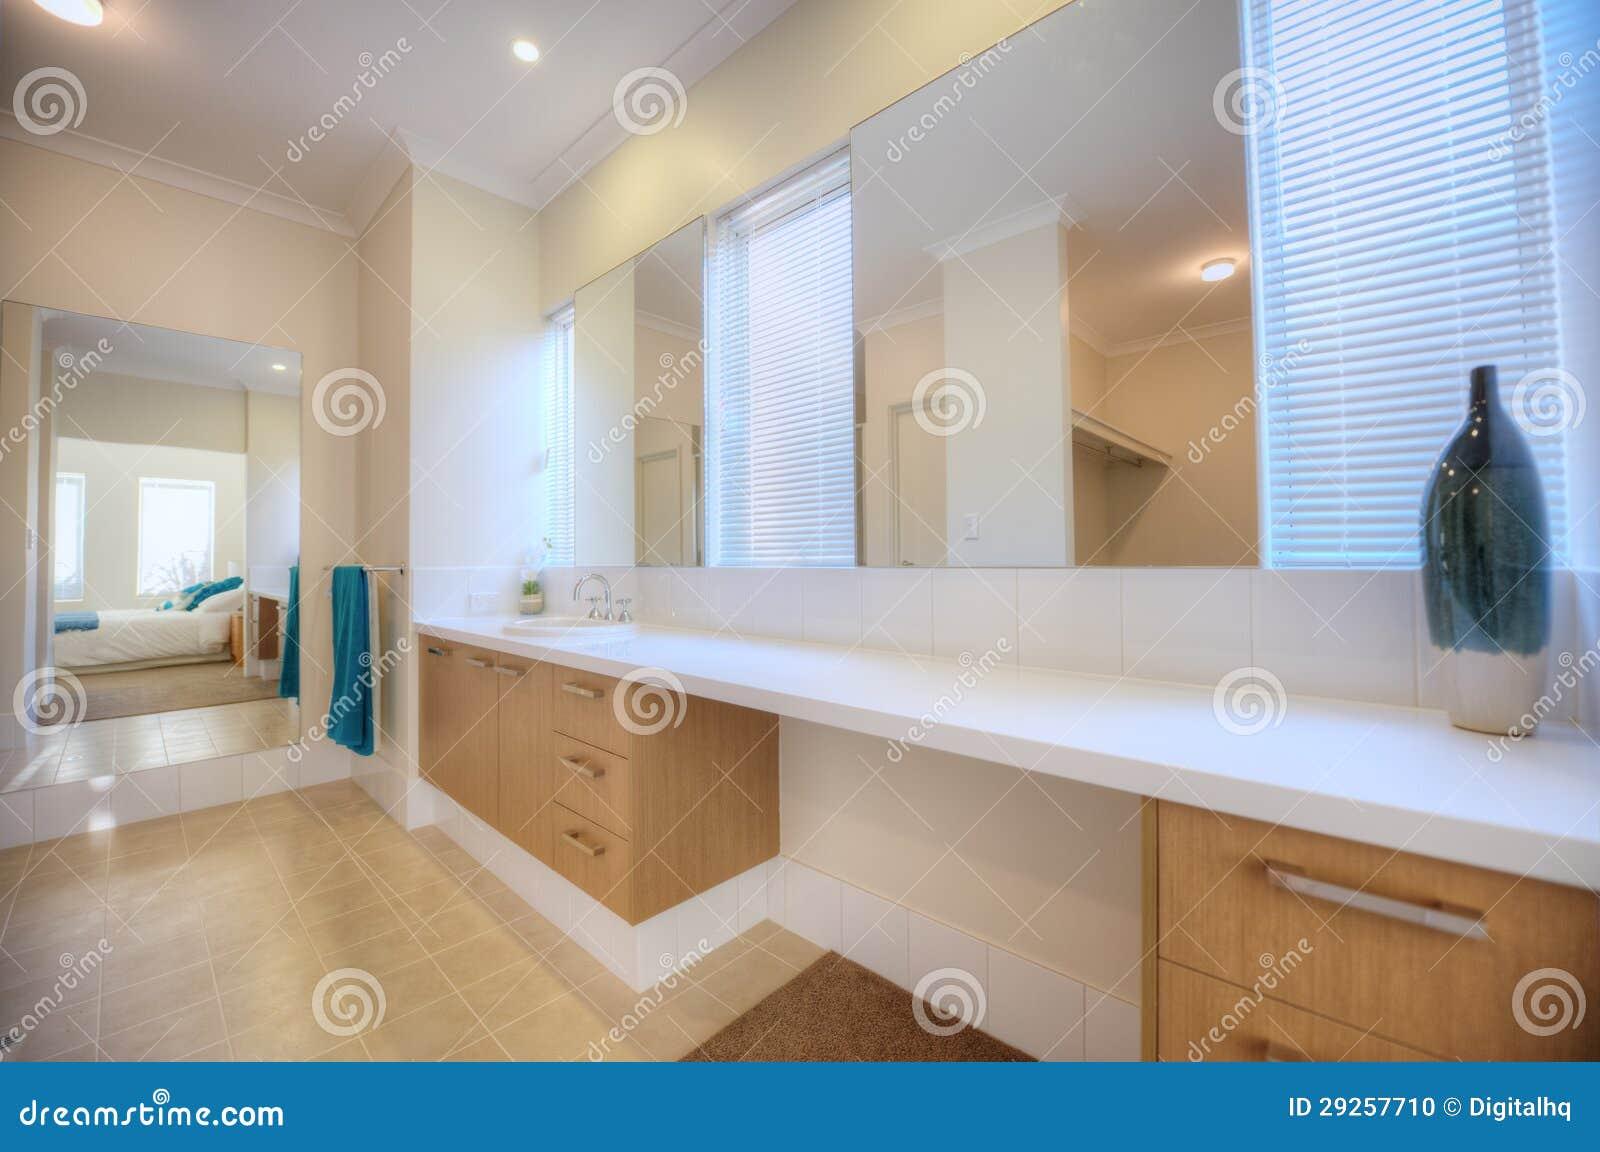 Salle De Bains De Luxe Dans La Maison Moderne Photo stock - Image du ...